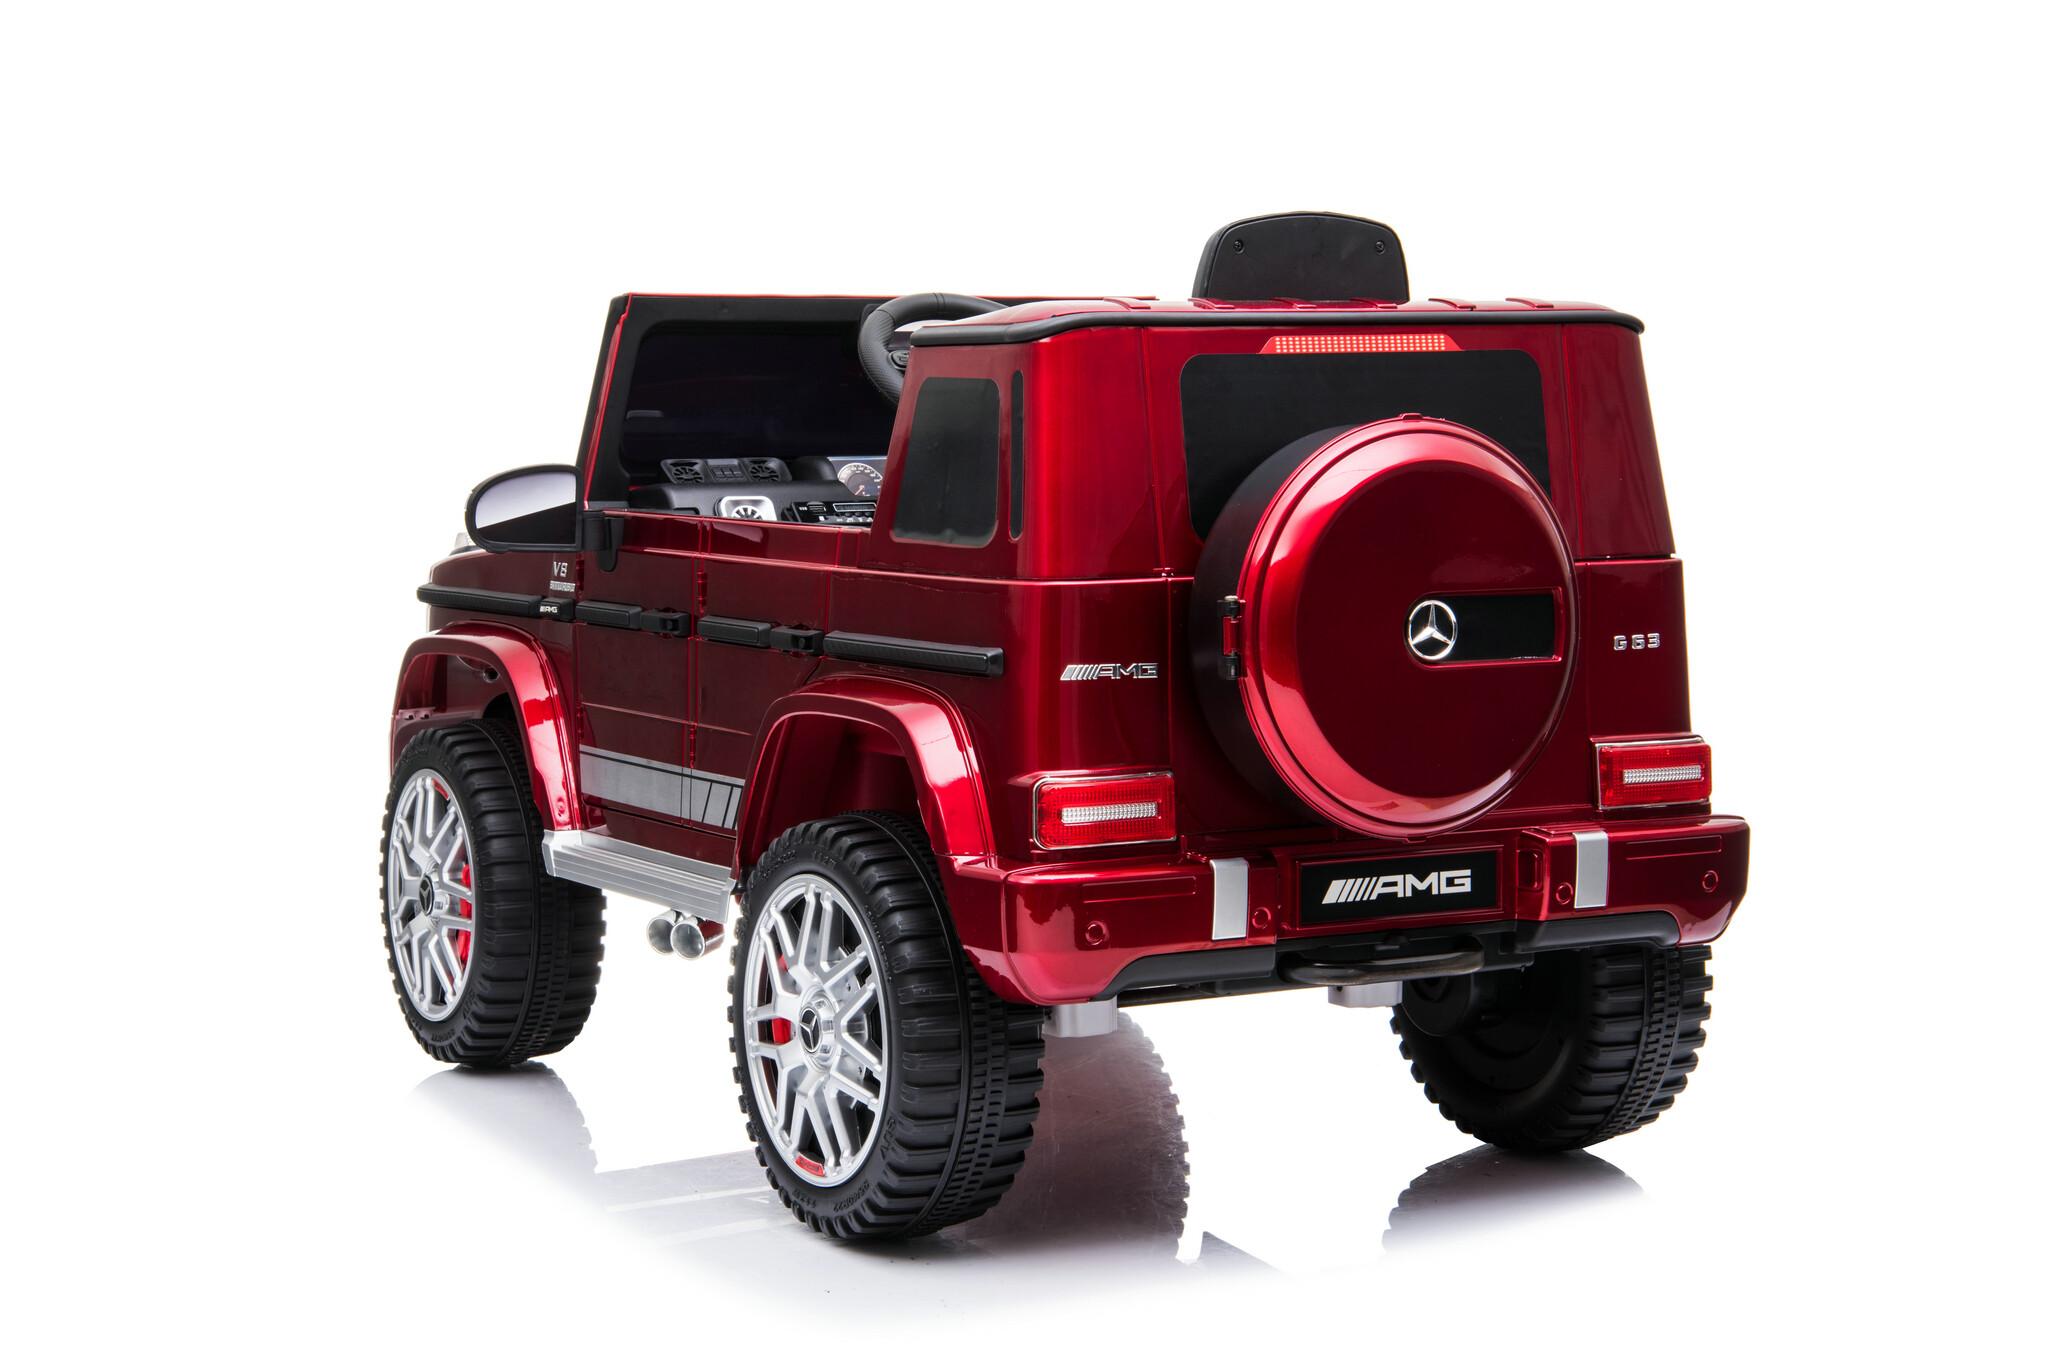 Mercedes G63 speelgoedjeep